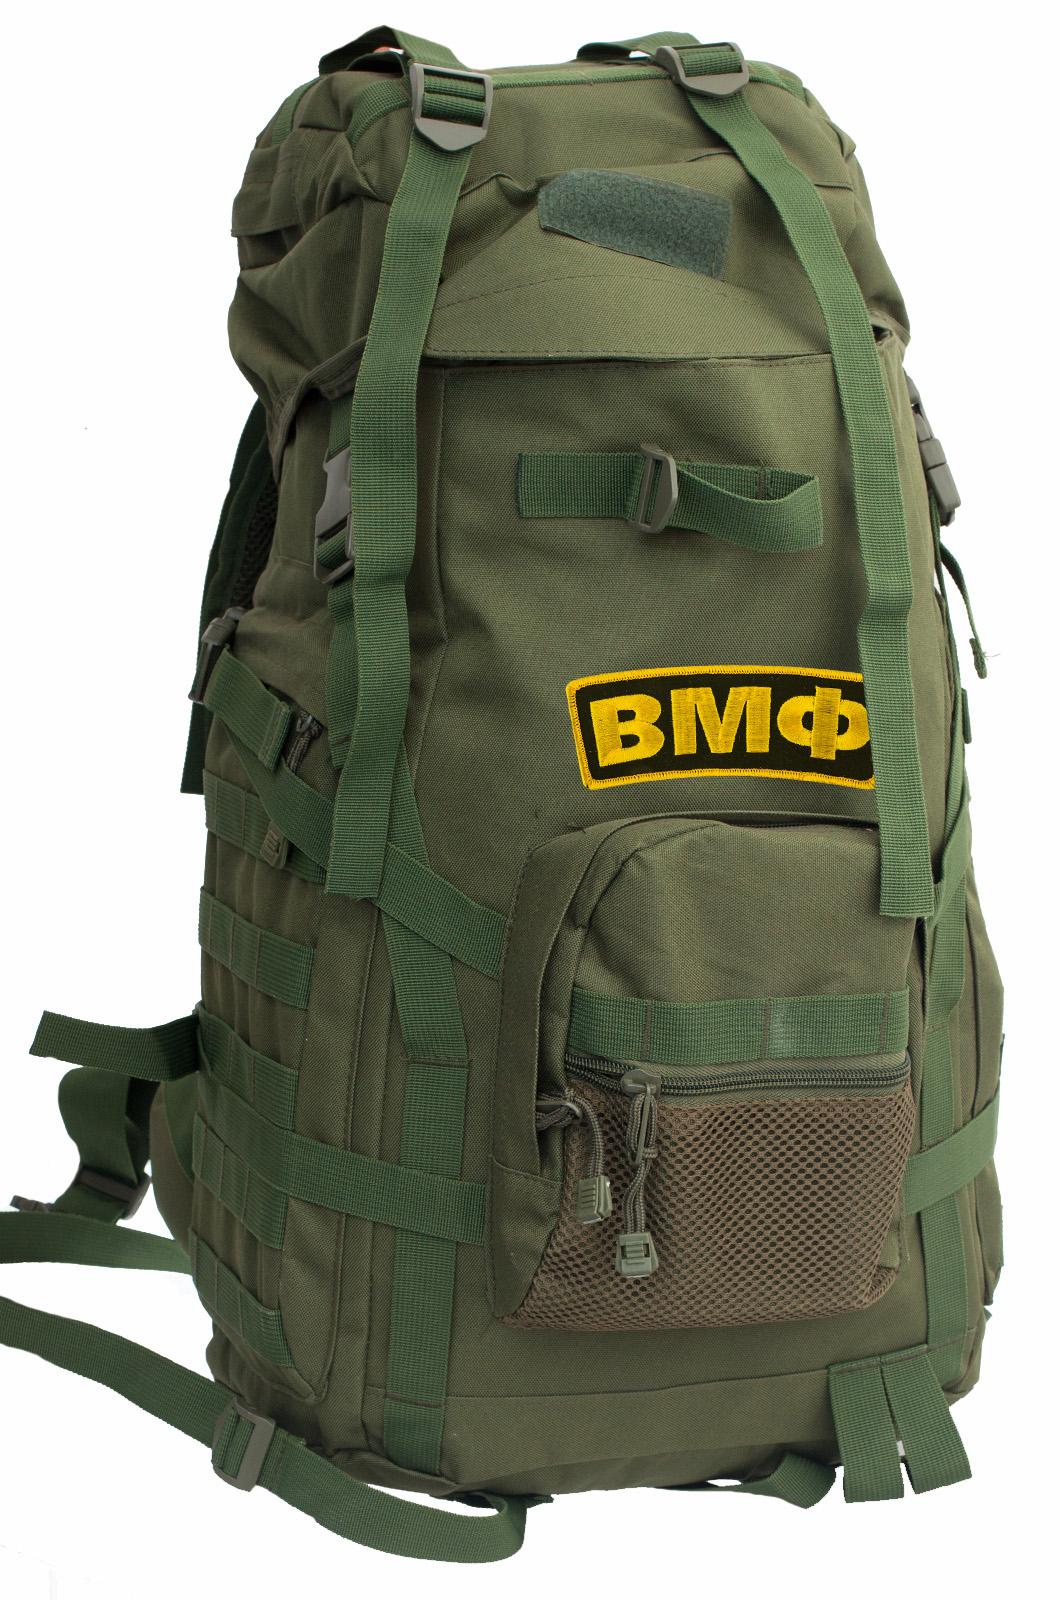 Армейский рейдовый рюкзак с нашивкой ВМФ - купить оптом